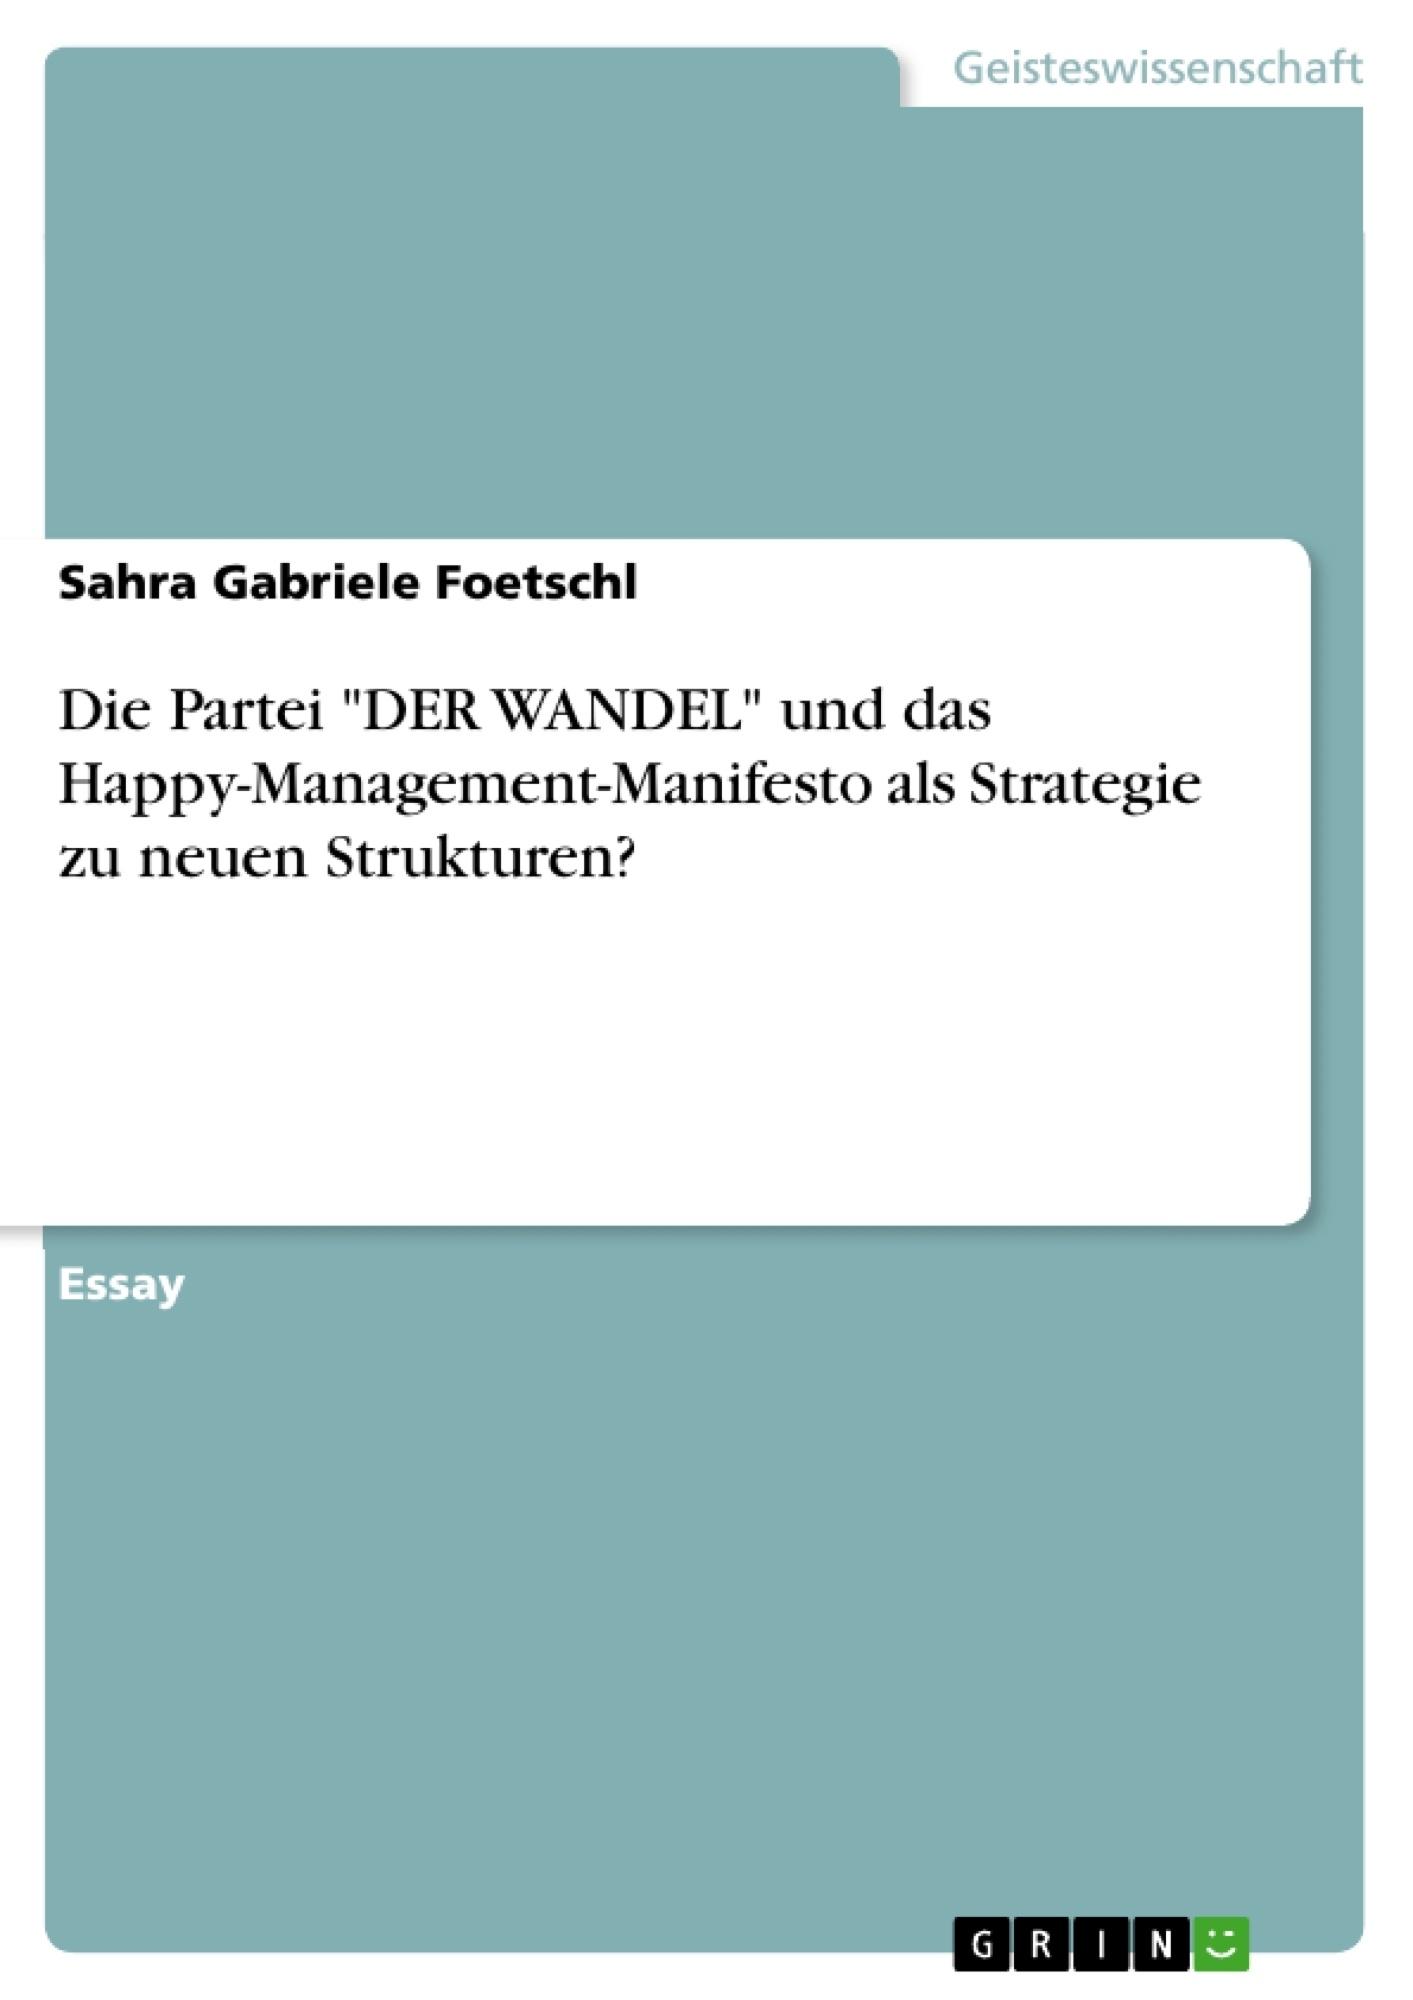 """Titel: Die Partei """"DER WANDEL"""" und das Happy-Management-Manifesto als Strategie zu neuen Strukturen?"""